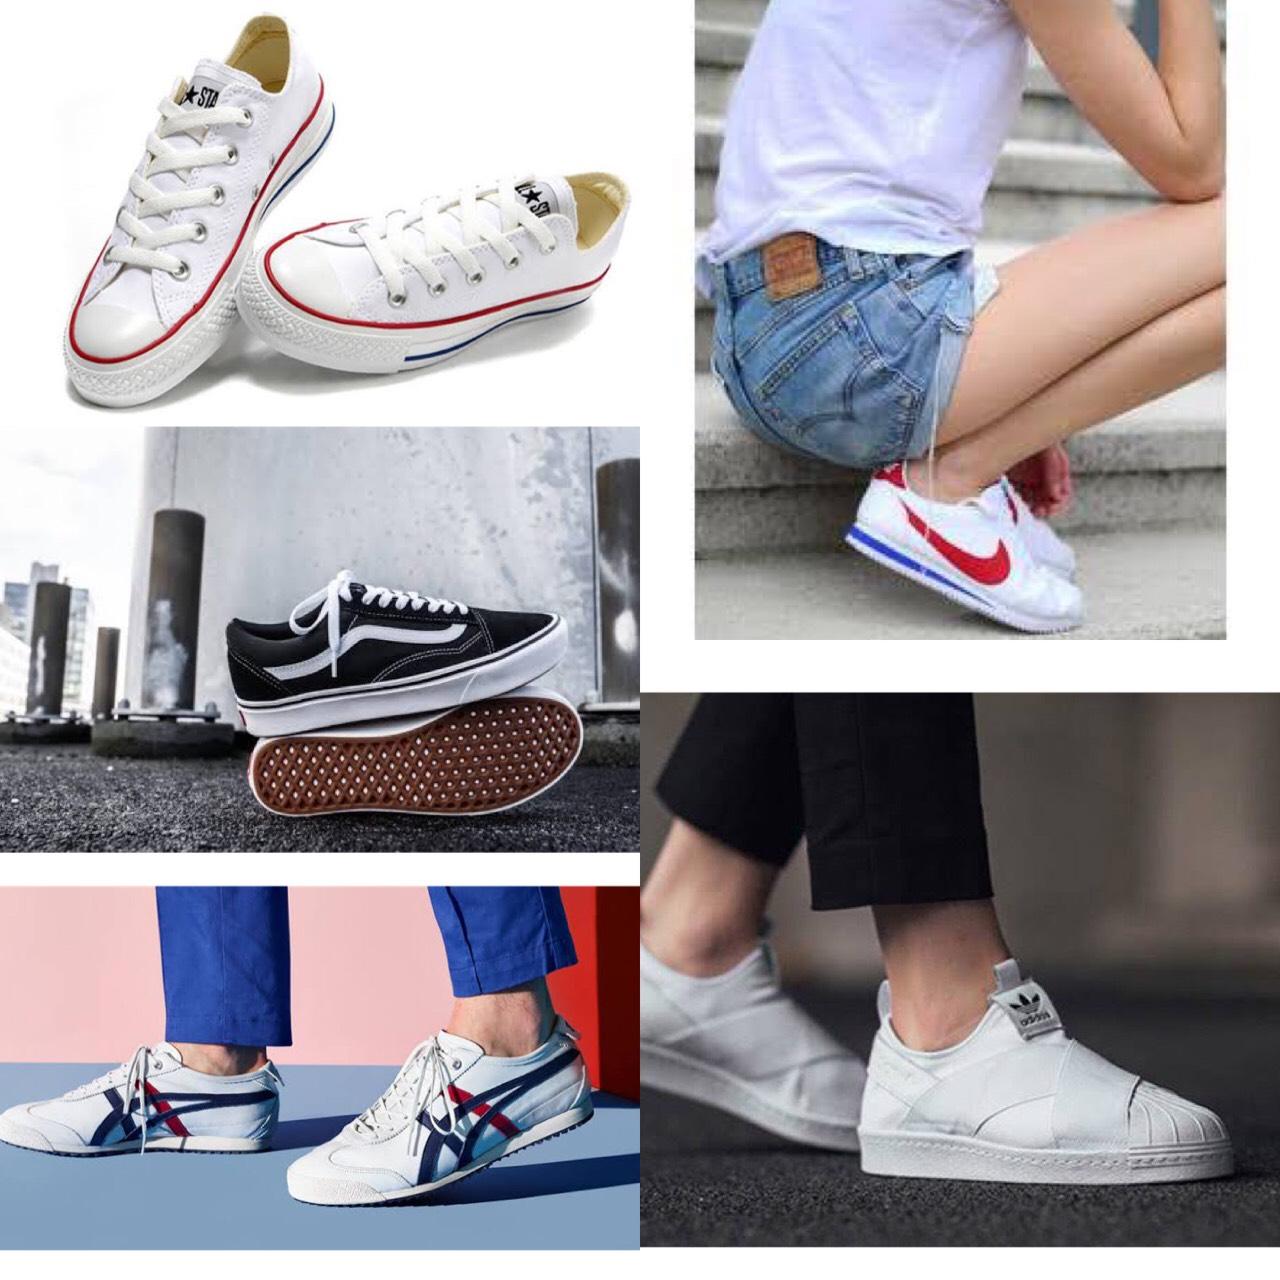 รองเท้าผ้าใบดารา ส่องผ้าใบสุดคลาสสิค แฟชั่นรองเท้าที่ตัวแม่มี เราก็ต้องมี!